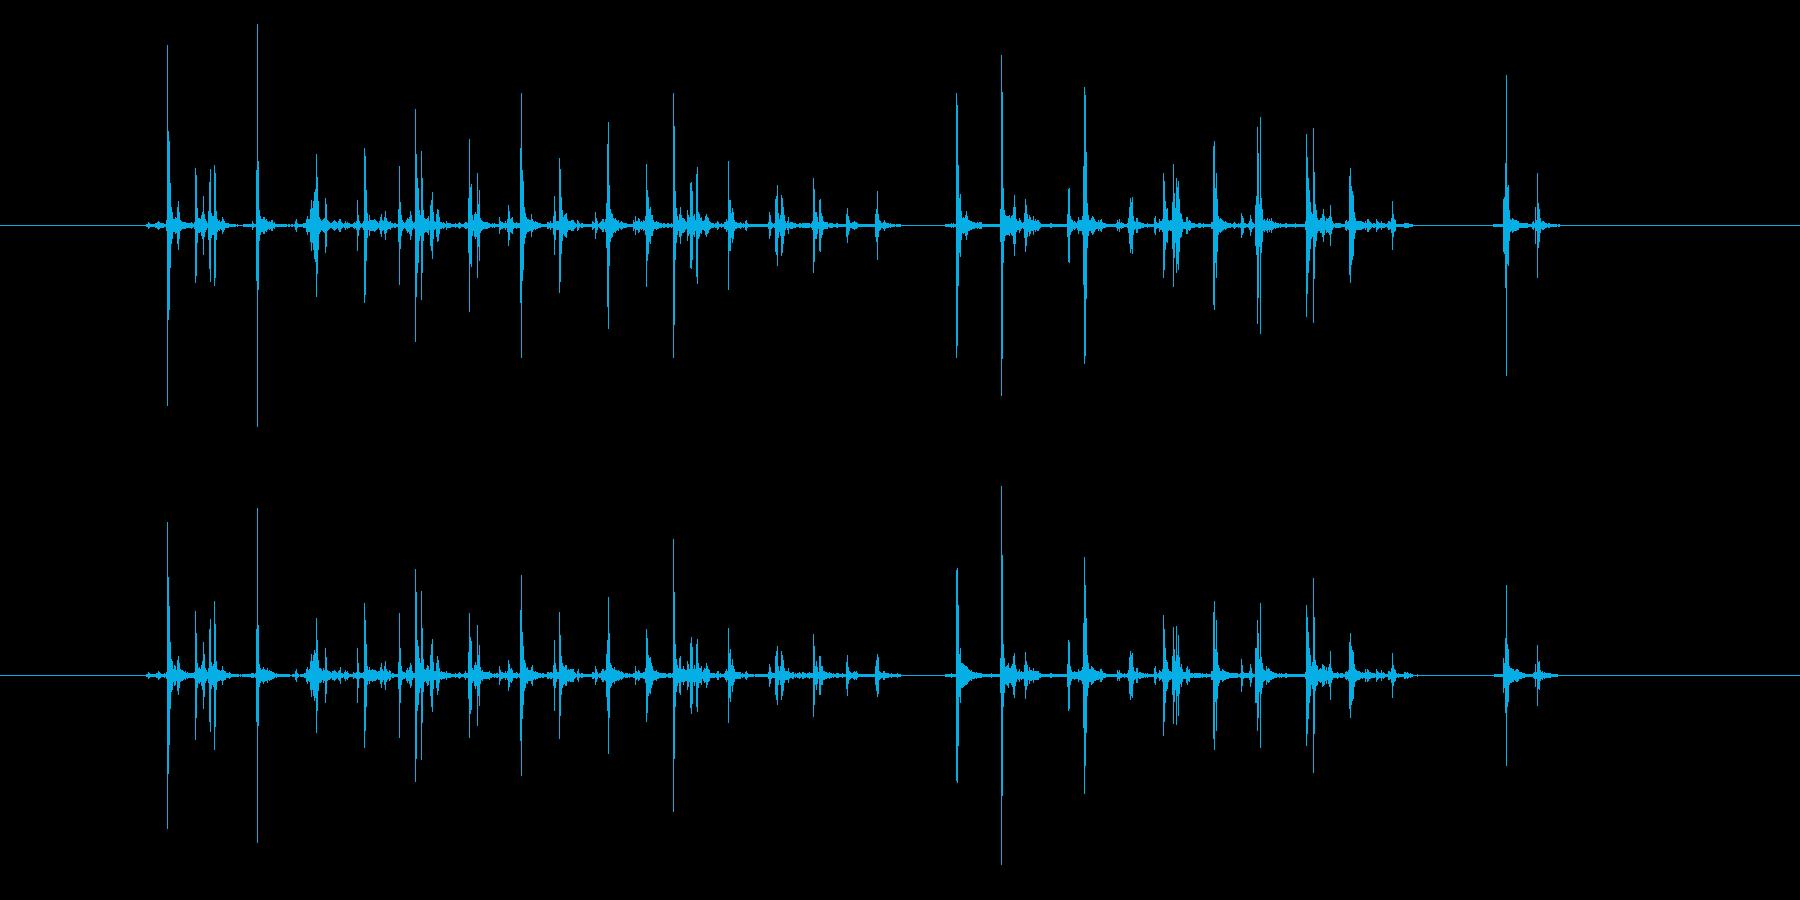 【録音】キーボード入力音の再生済みの波形